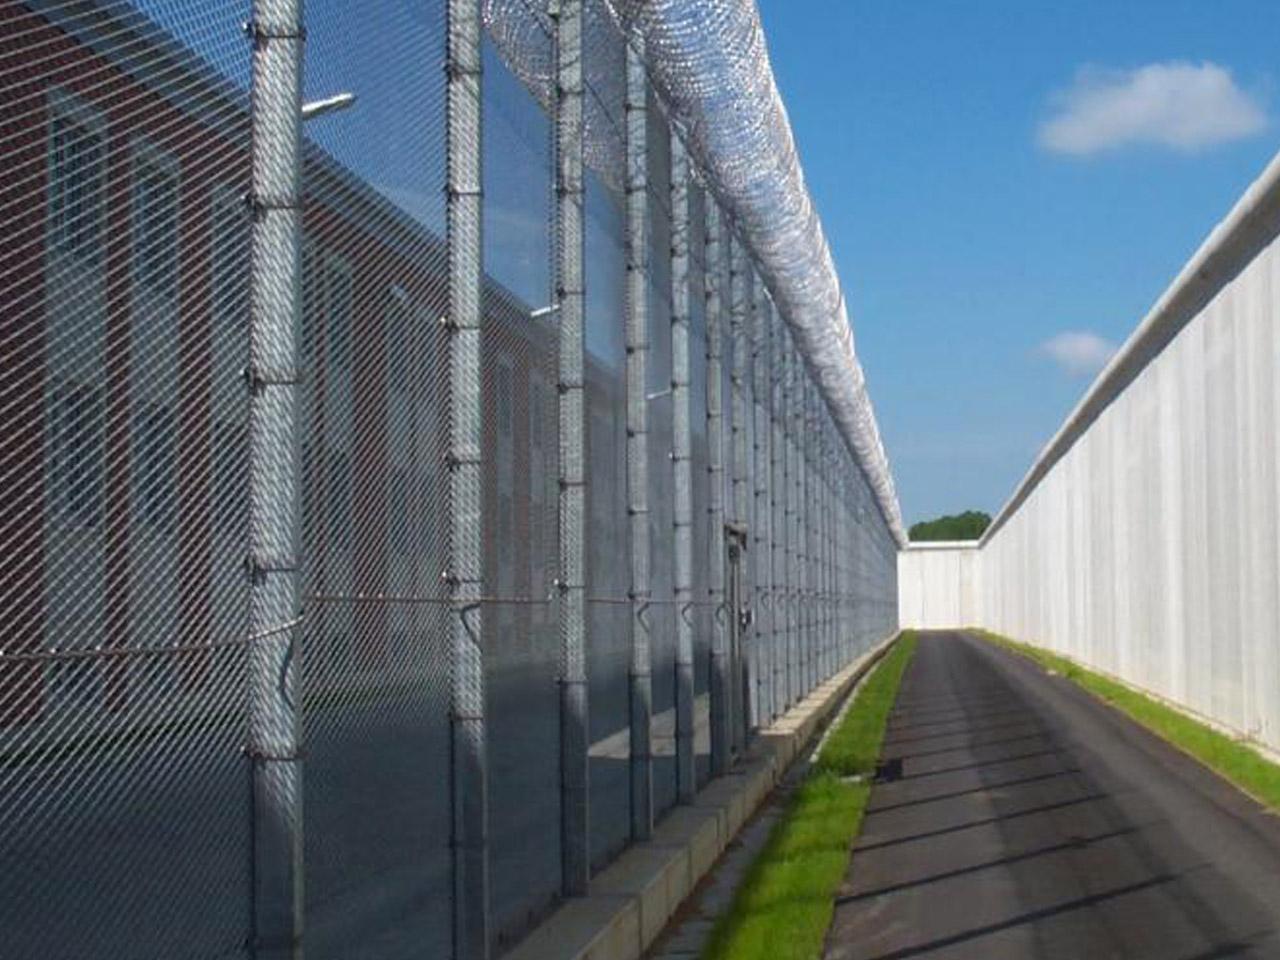 Centre penitentiaire – Reims 50